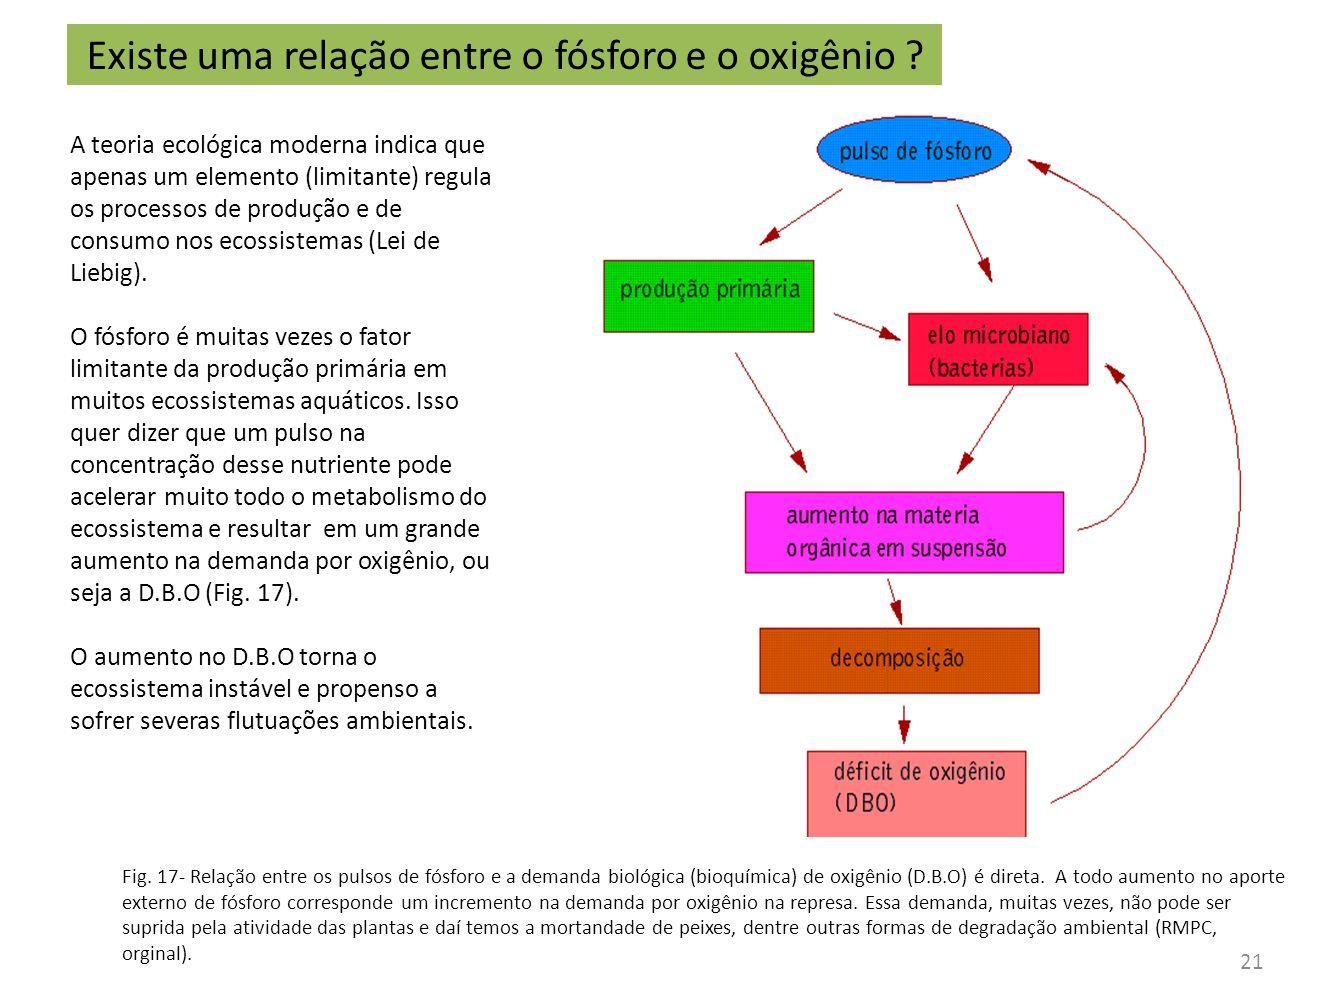 Fig. 17- Relação entre os pulsos de fósforo e a demanda biológica (bioquímica) de oxigênio (D.B.O) é direta. A todo aumento no aporte externo de fósfo